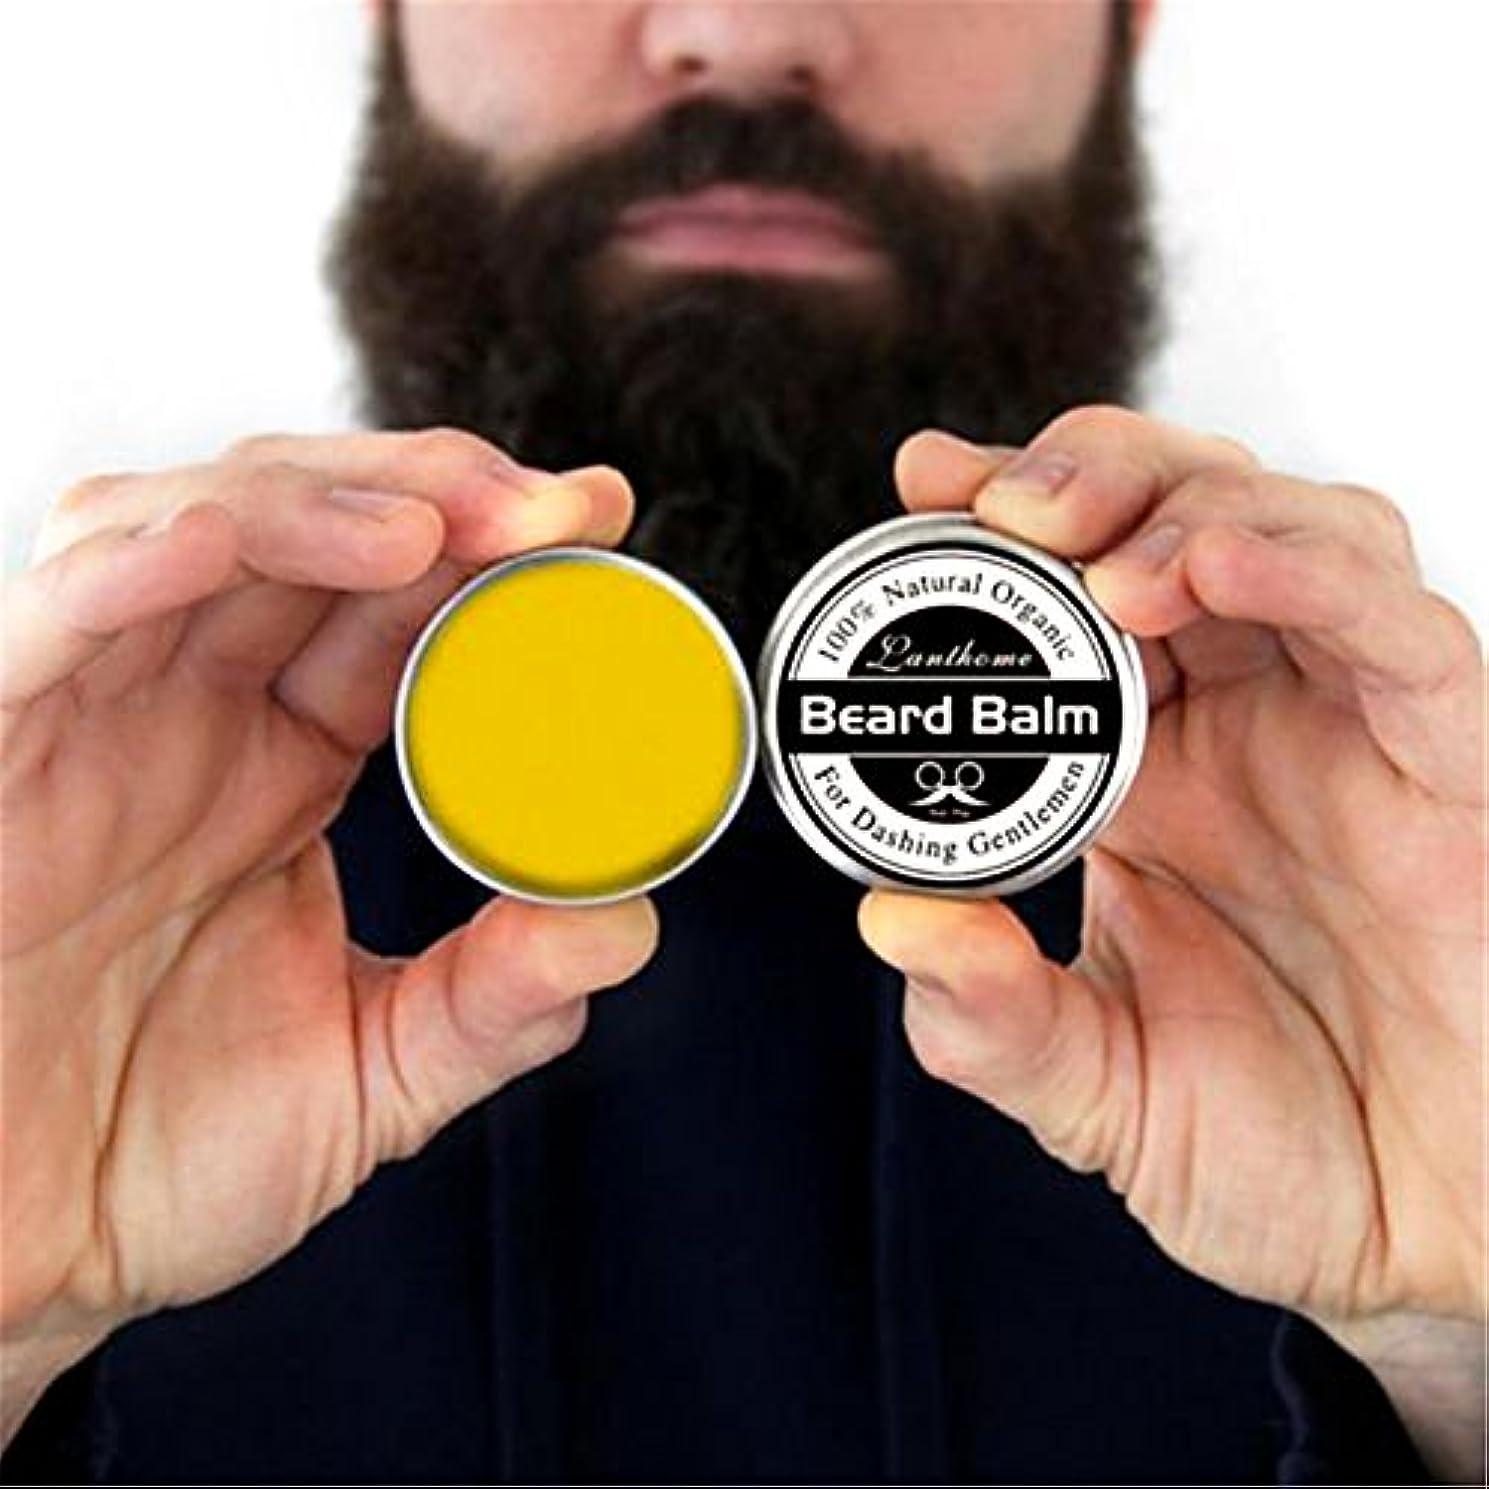 スカイ心理的家庭Ruier-tong ビアードバーム メンズひげワックス 口髭用ワックス ひげクリーム 保湿/滋養/ひげ根のケアなどの効果  ひげケア必需品 携帯便利